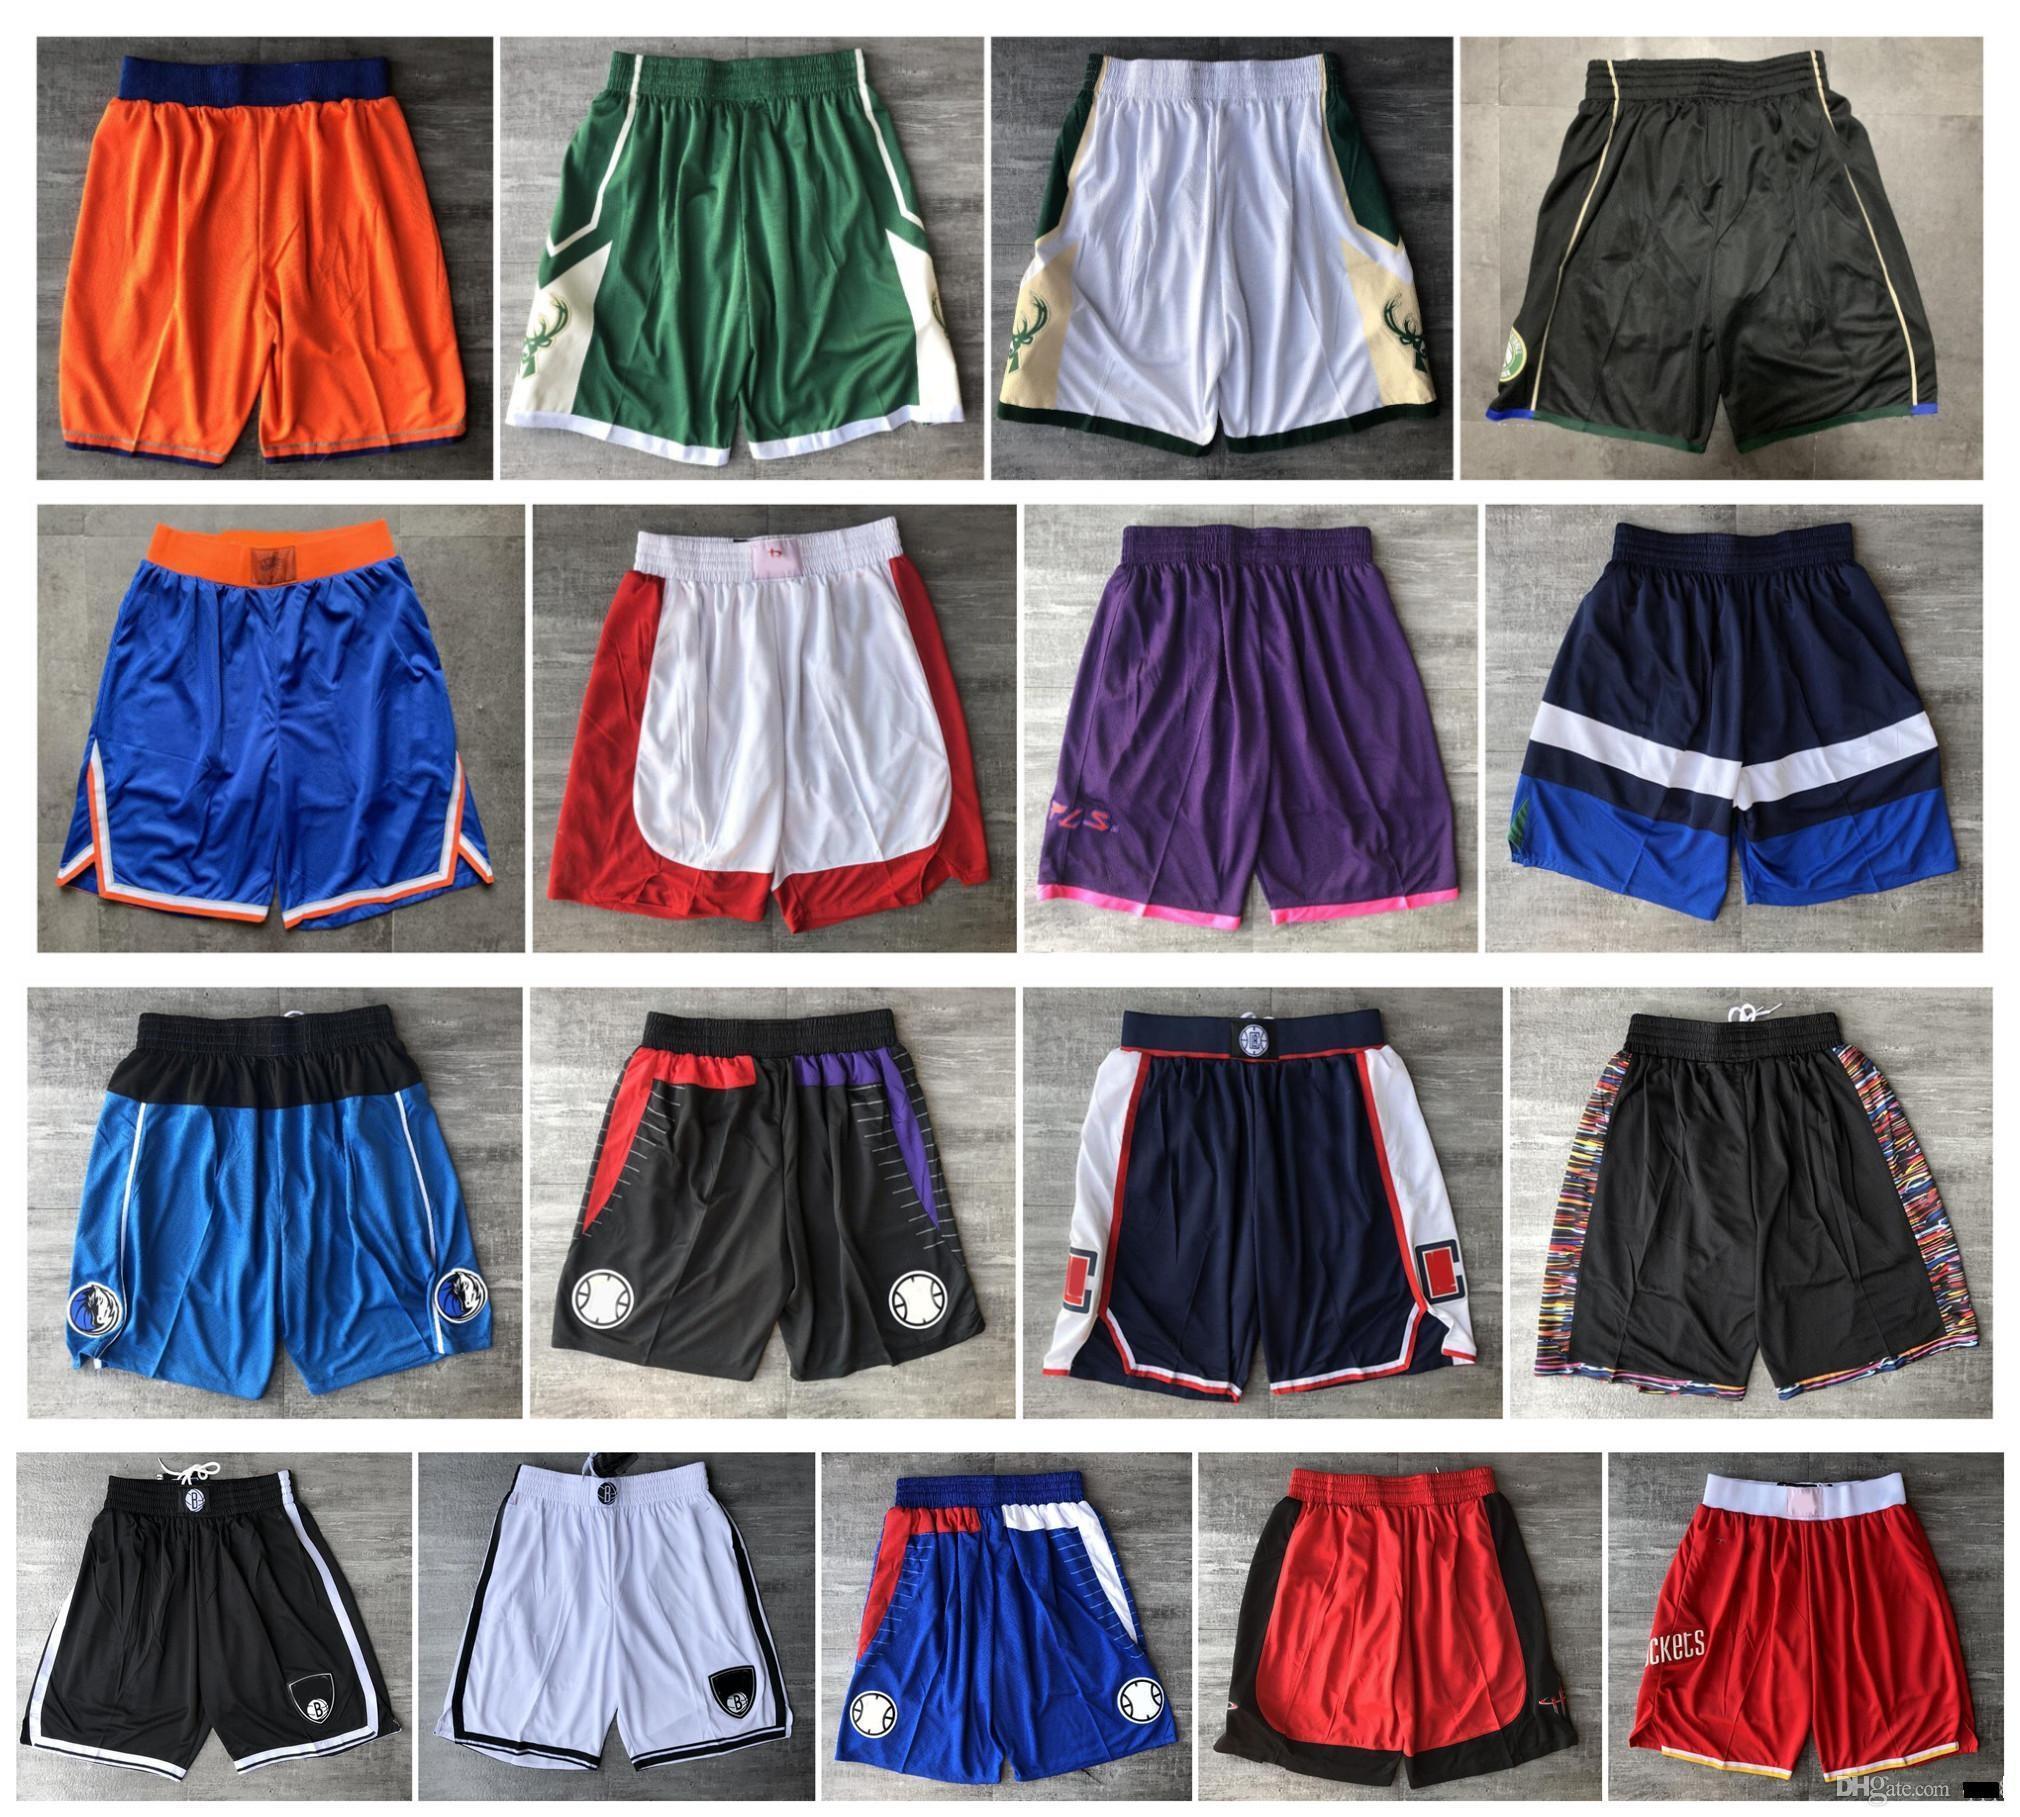 De calidad superior! 2020 Pantalones equipo de baloncesto de los hombres pone en cortocircuito cortocircuitos del deporte de los cortocircuitos de la universidad azul púrpura rojo blanco negro amarillo